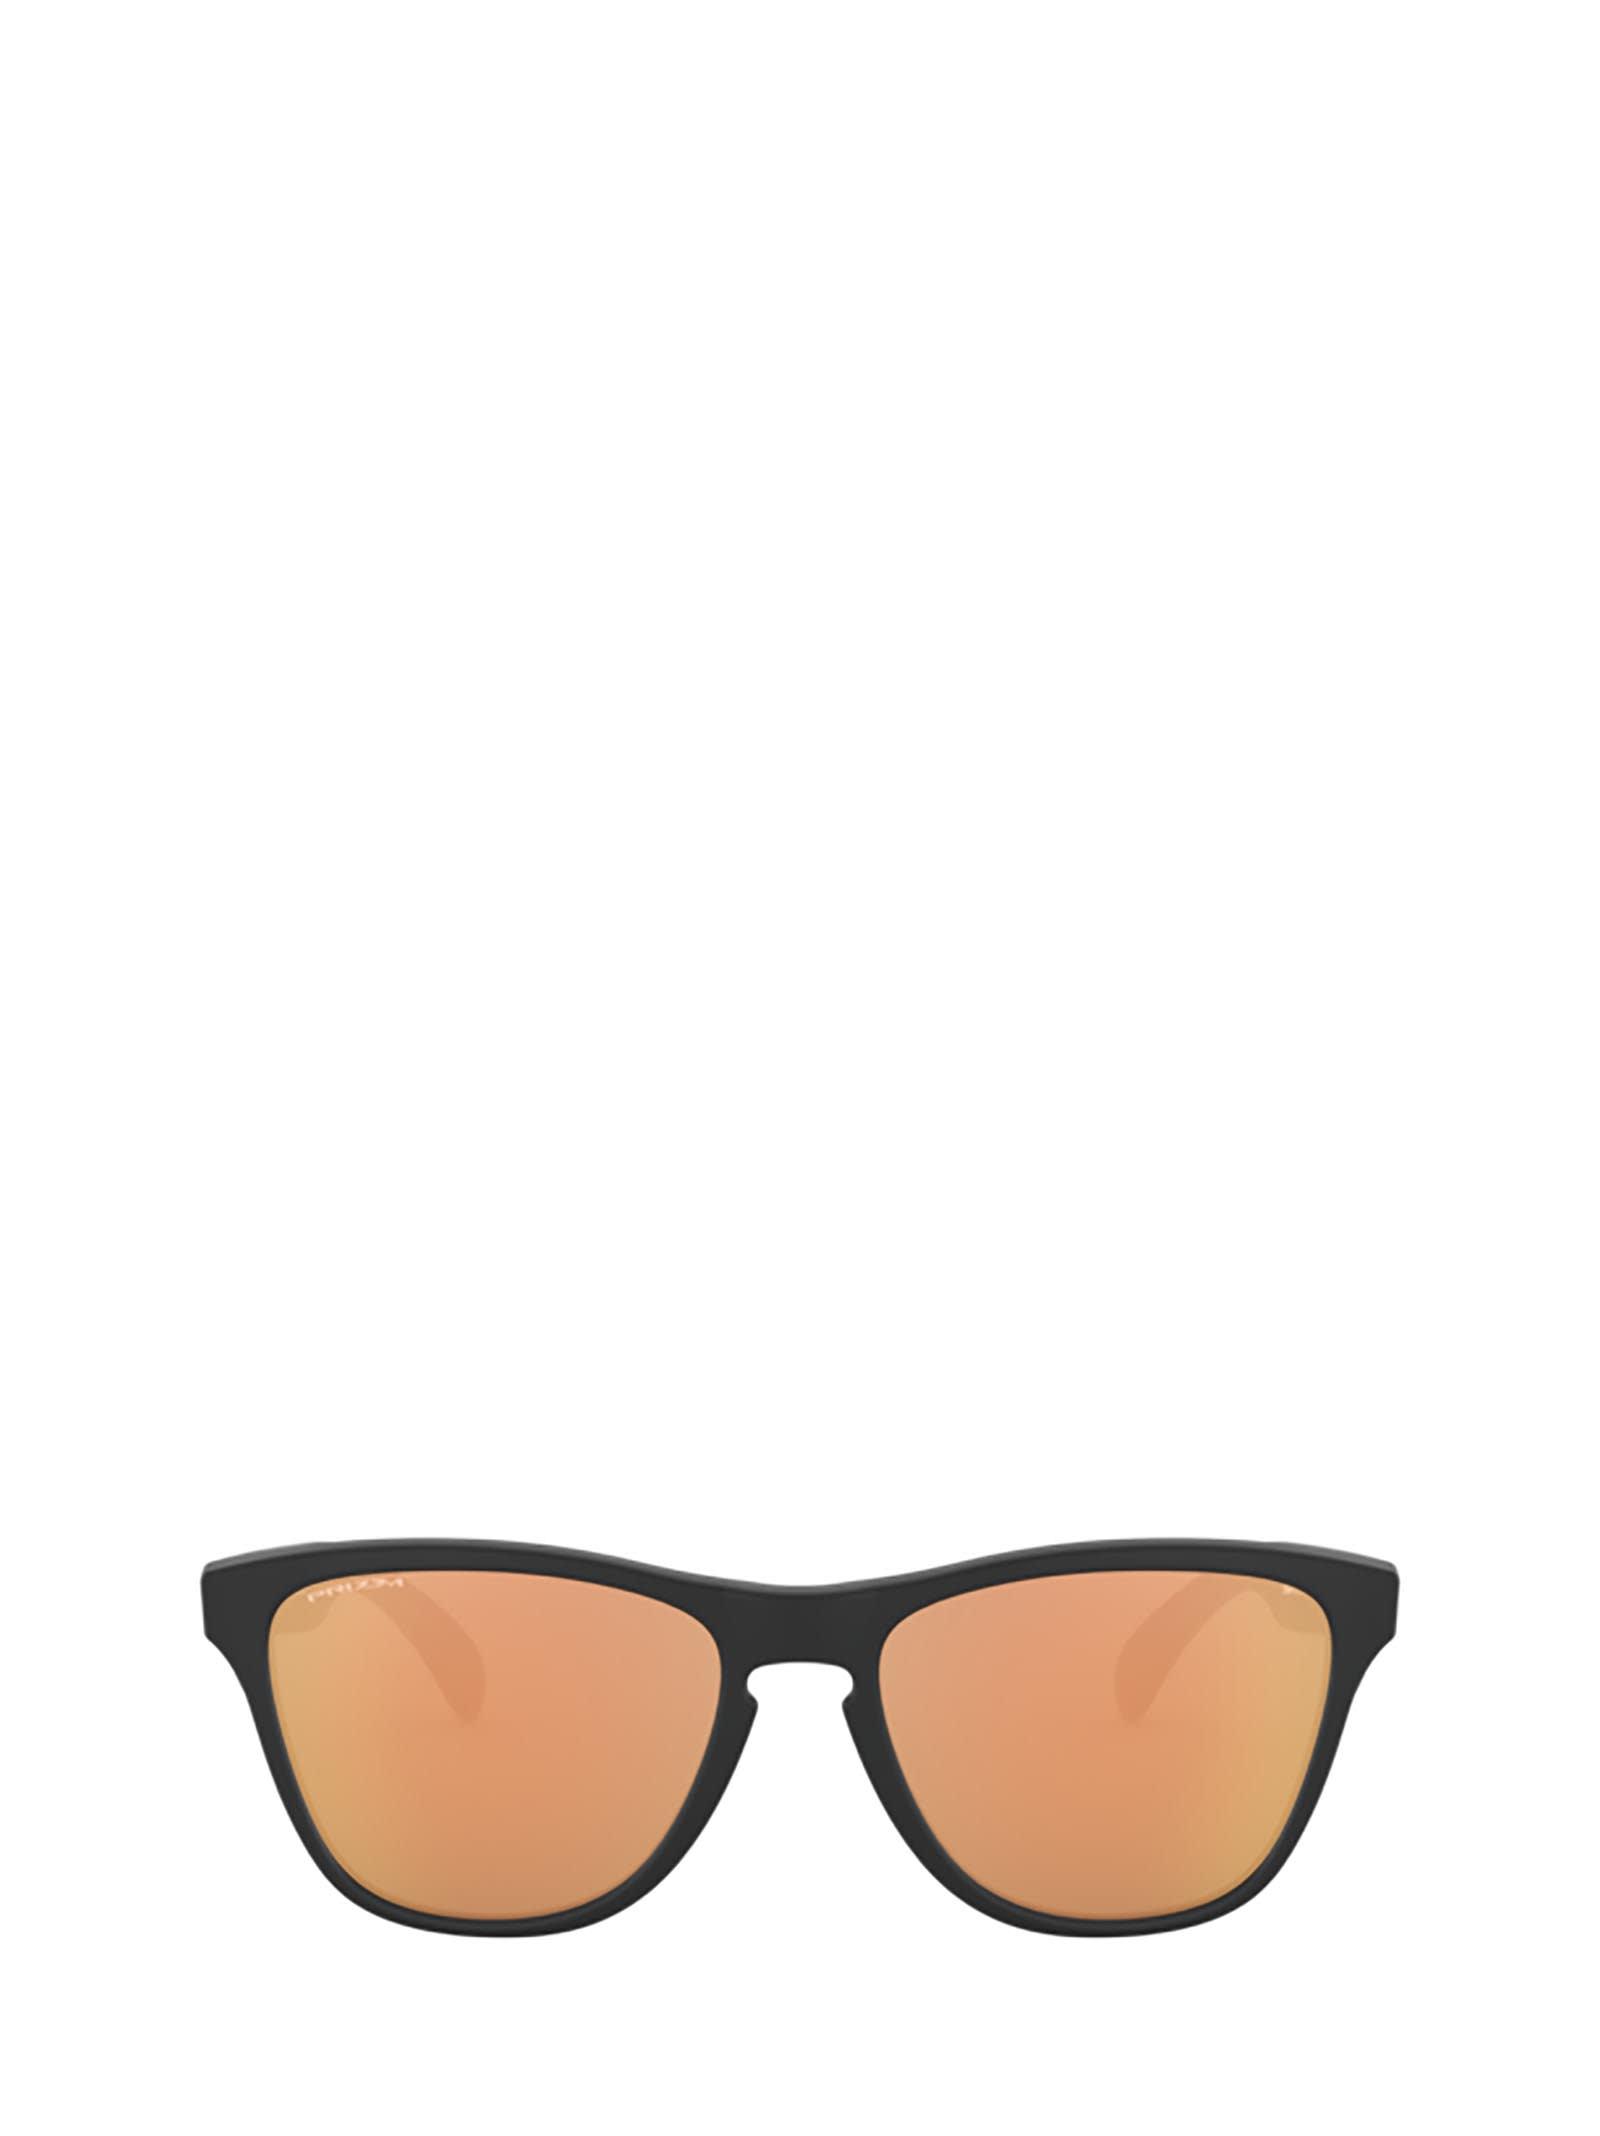 Oakley Oj9006 Matte Black Sunglasses